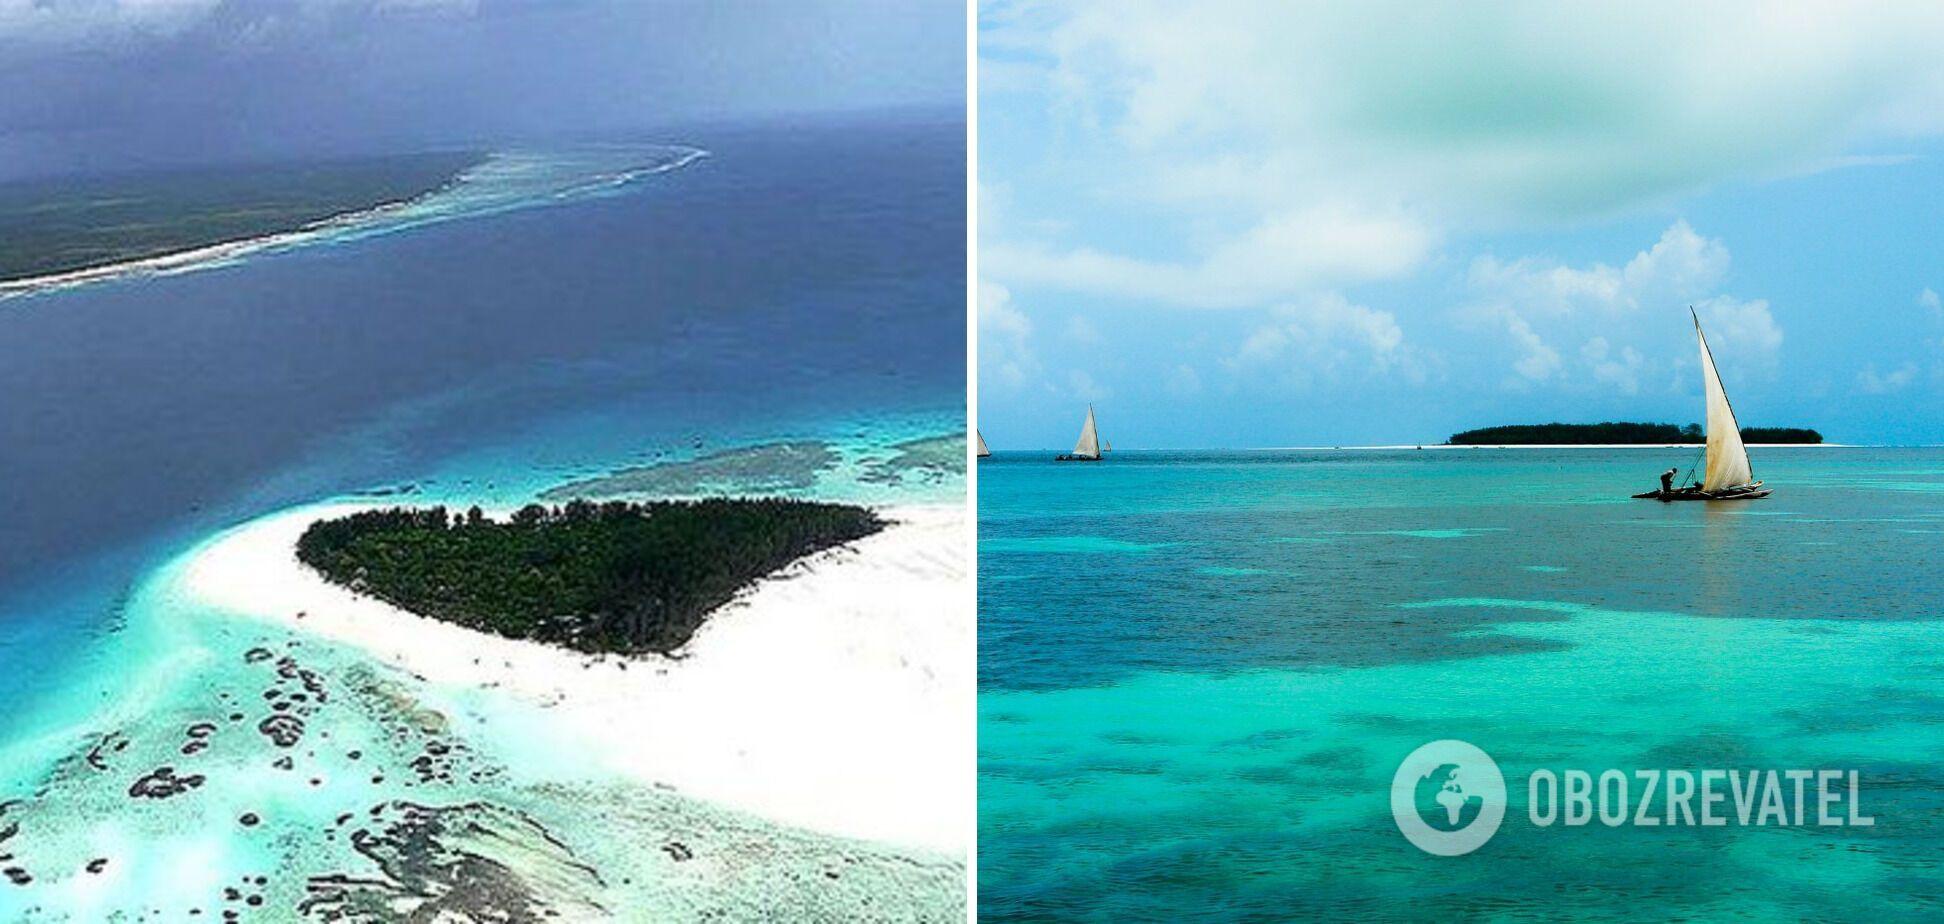 Остров Мнемба имеет просторные пляжи и лагуны с белоснежным песком.